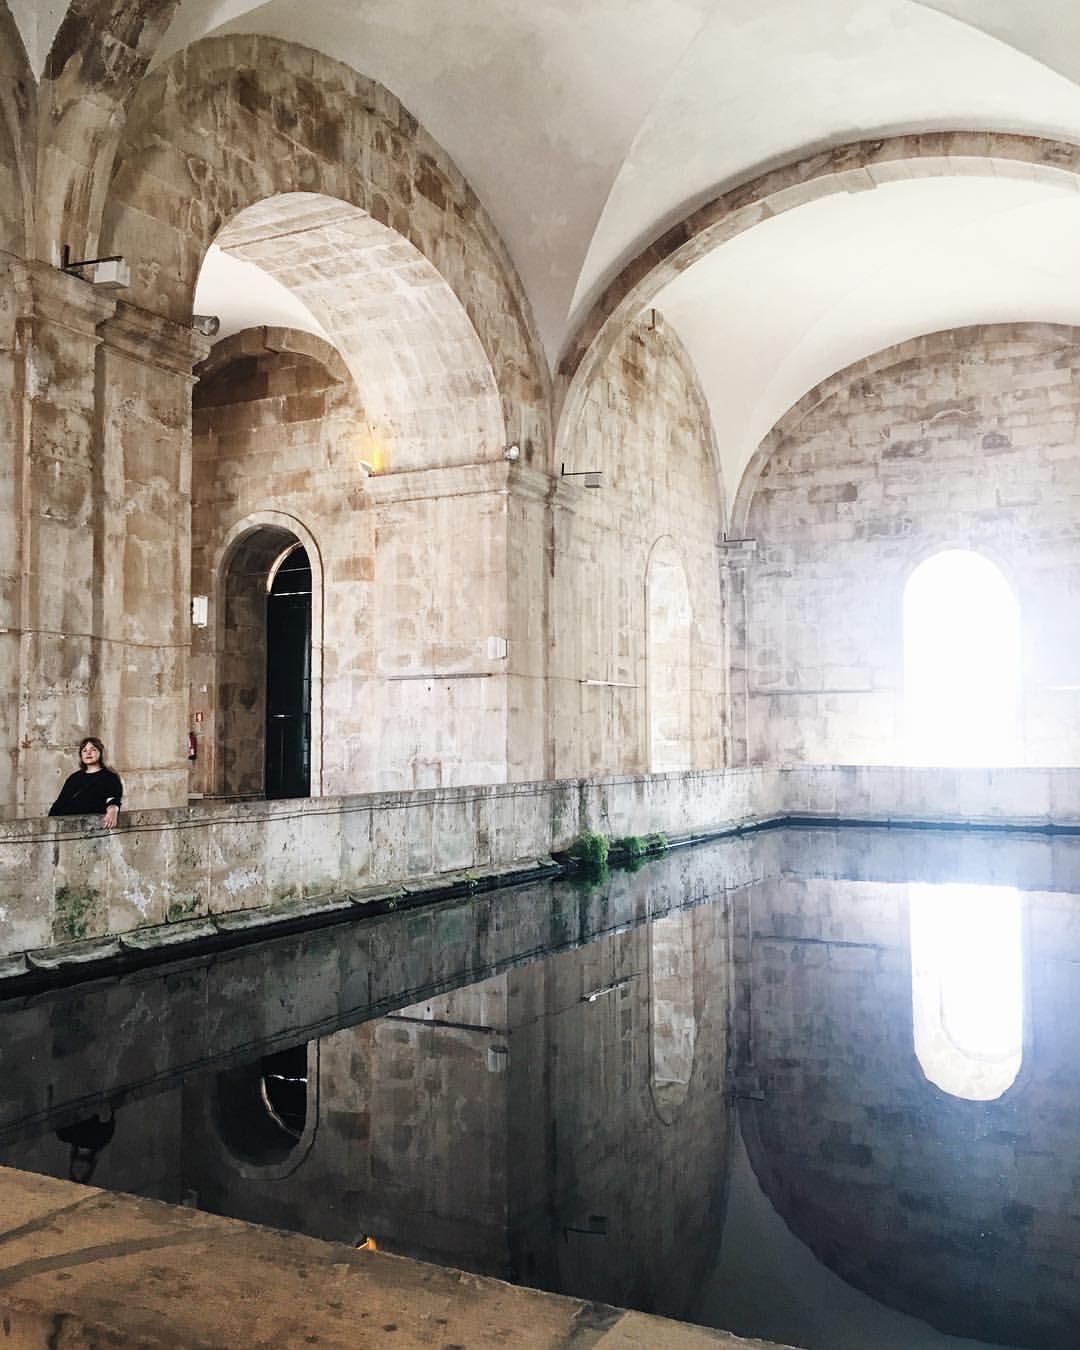 """2,095 gilla-markeringar, 7 kommentarer - Flora Wiström (@florawis) på Instagram: """"perfekt, vi som blev så törstiga i den tjugosjugradiga värmen"""" Portugal"""